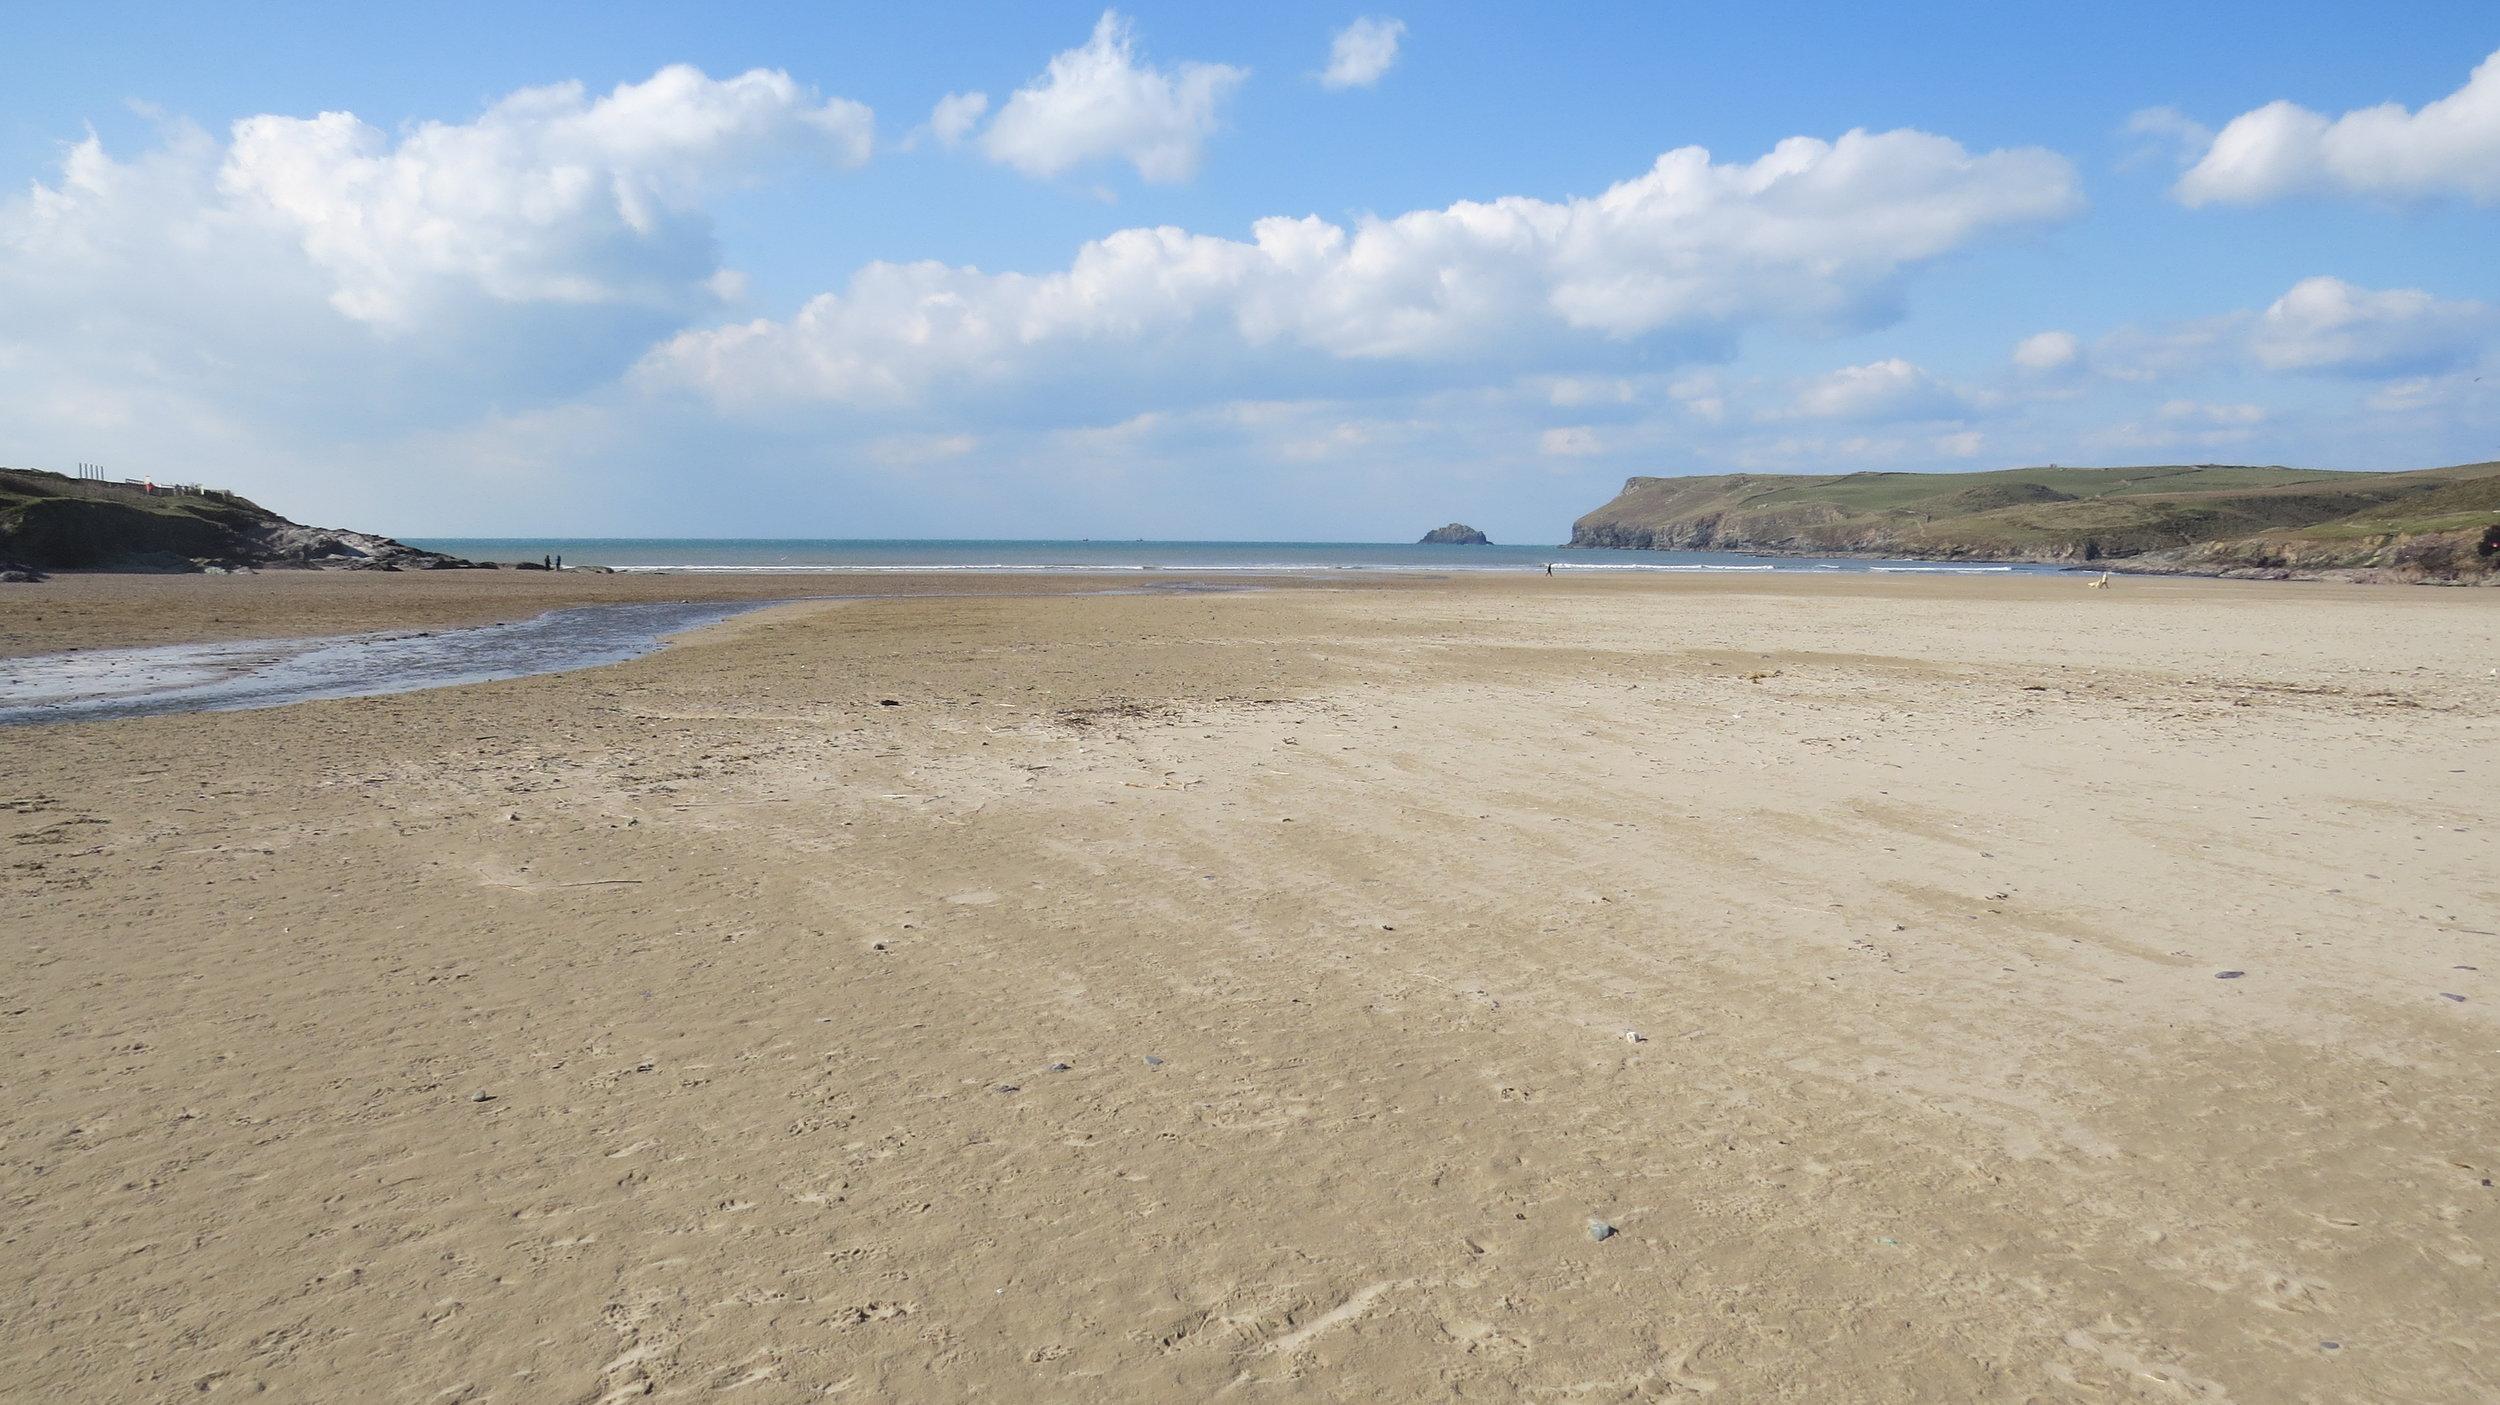 Polzeath Beach